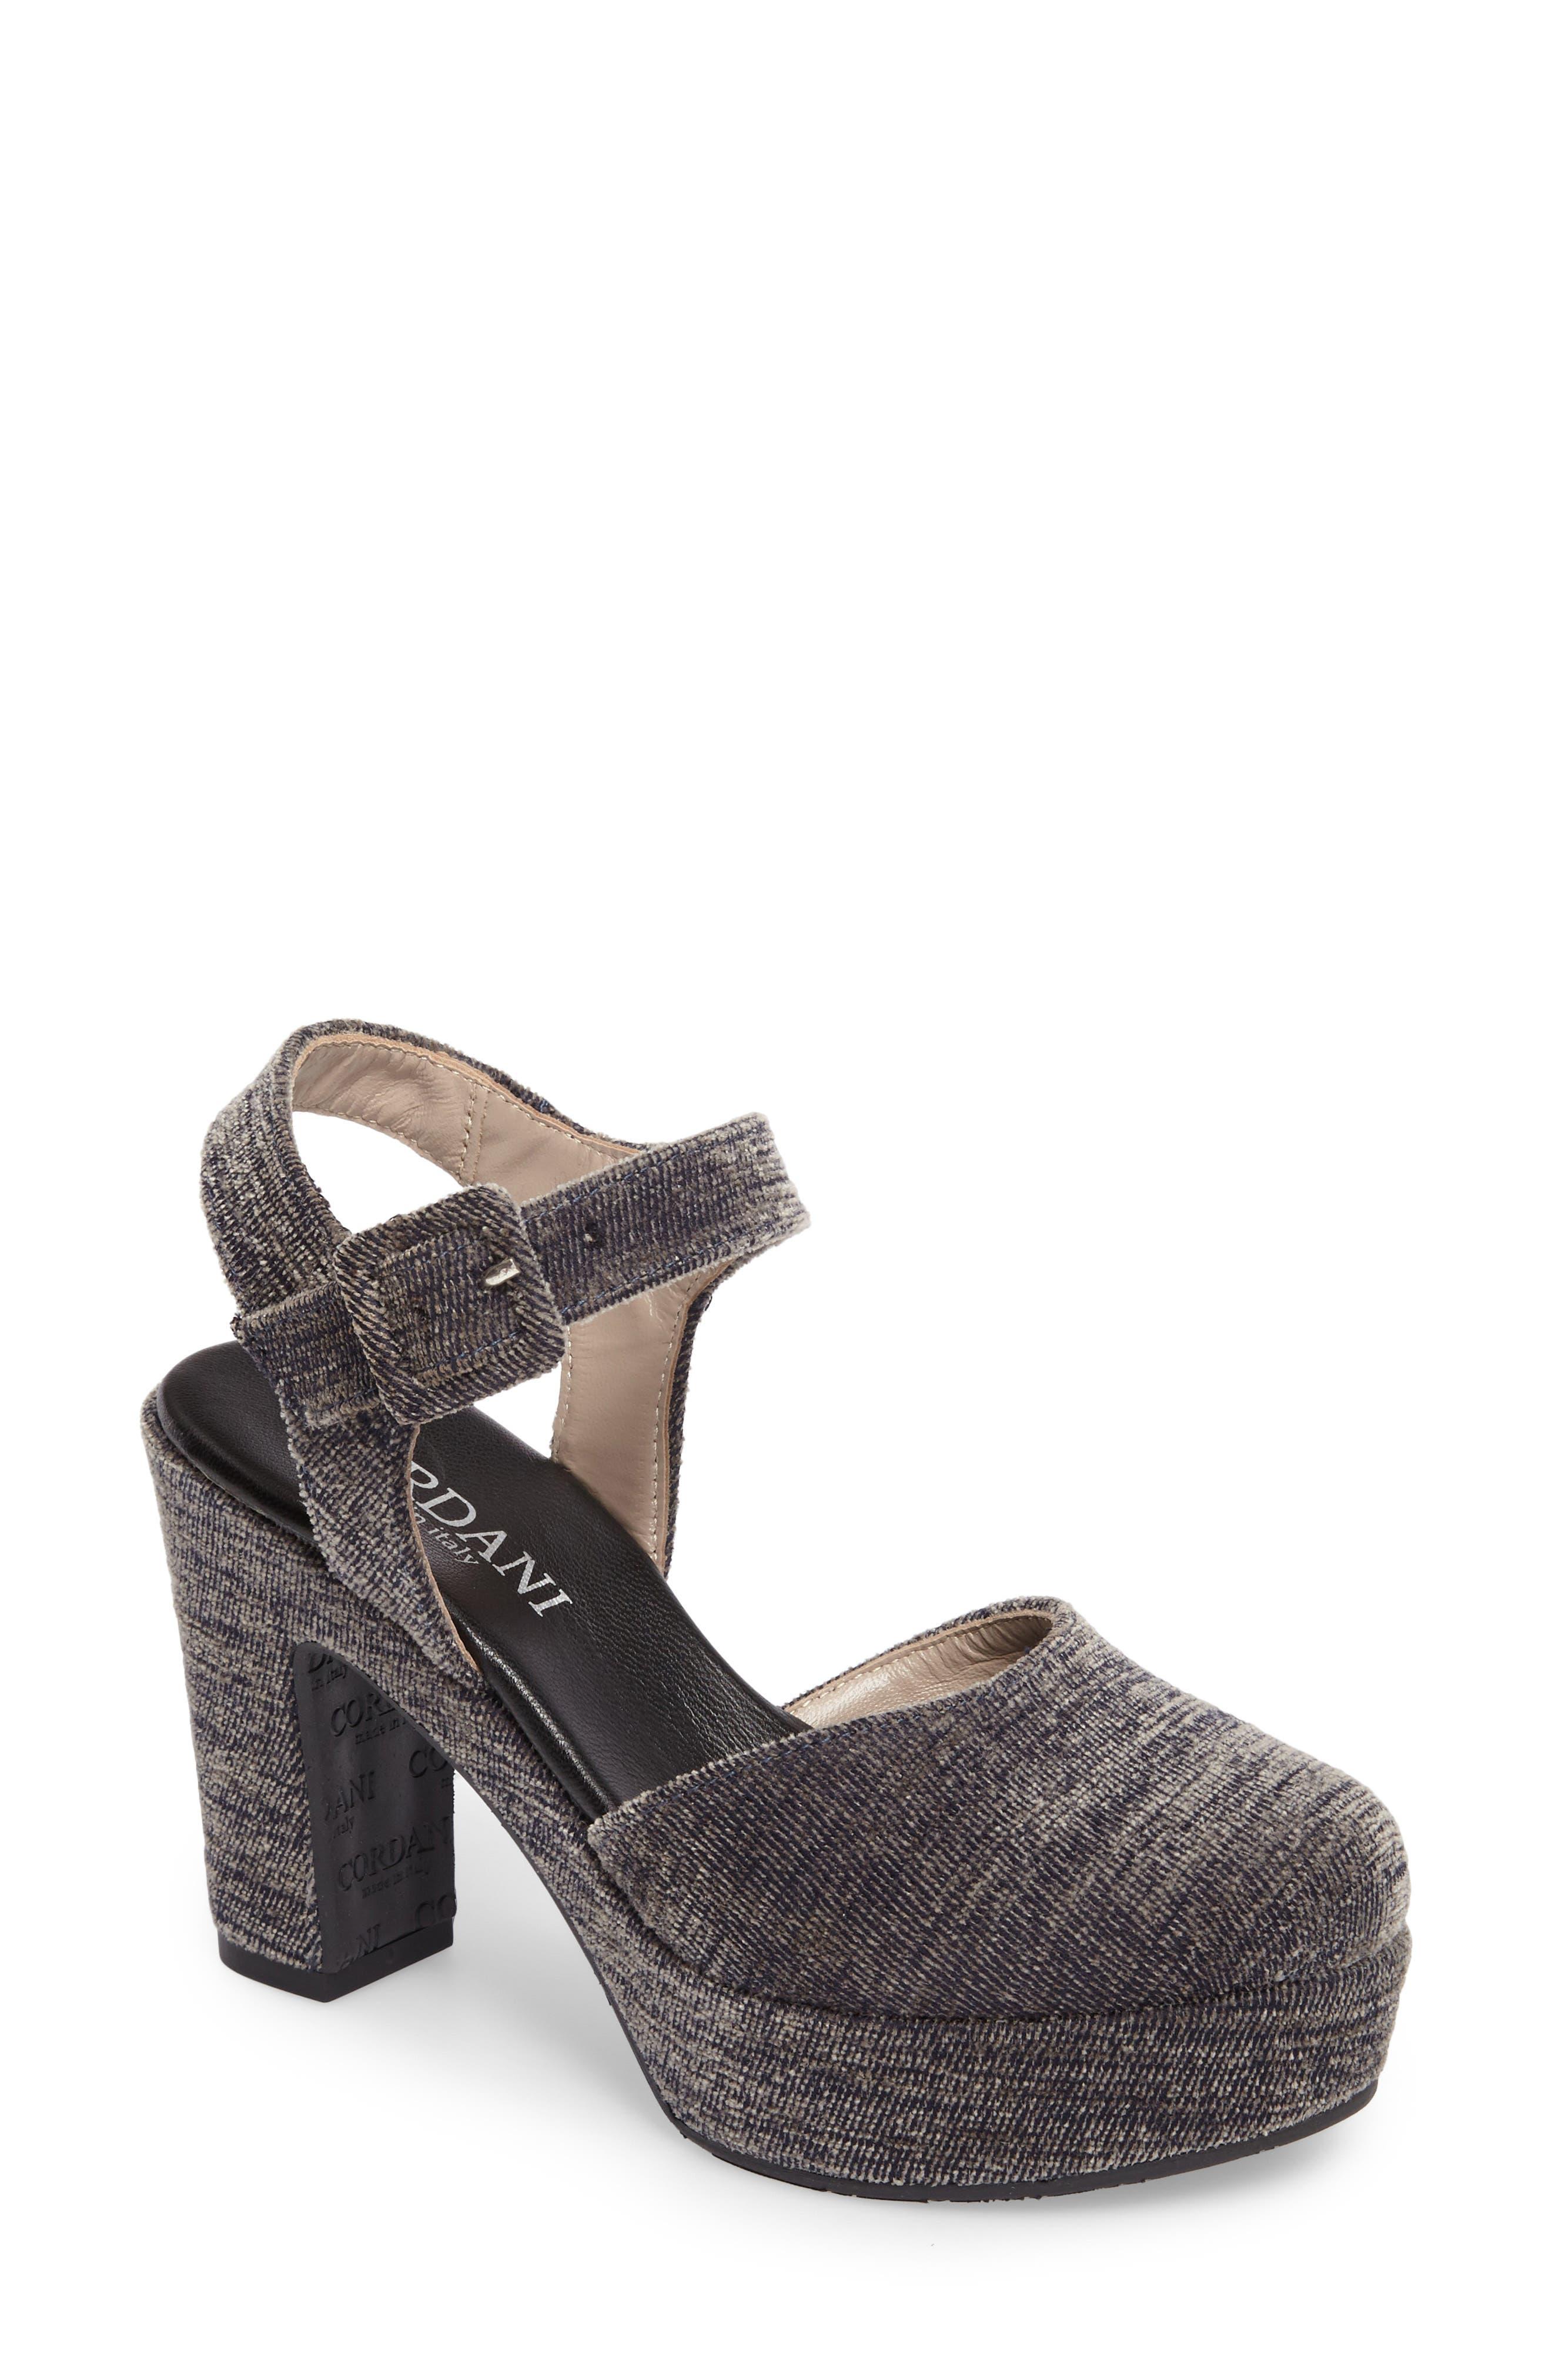 Torin Ankle Strap Platform Pump,                             Main thumbnail 1, color,                             Grey Crushed Velvet